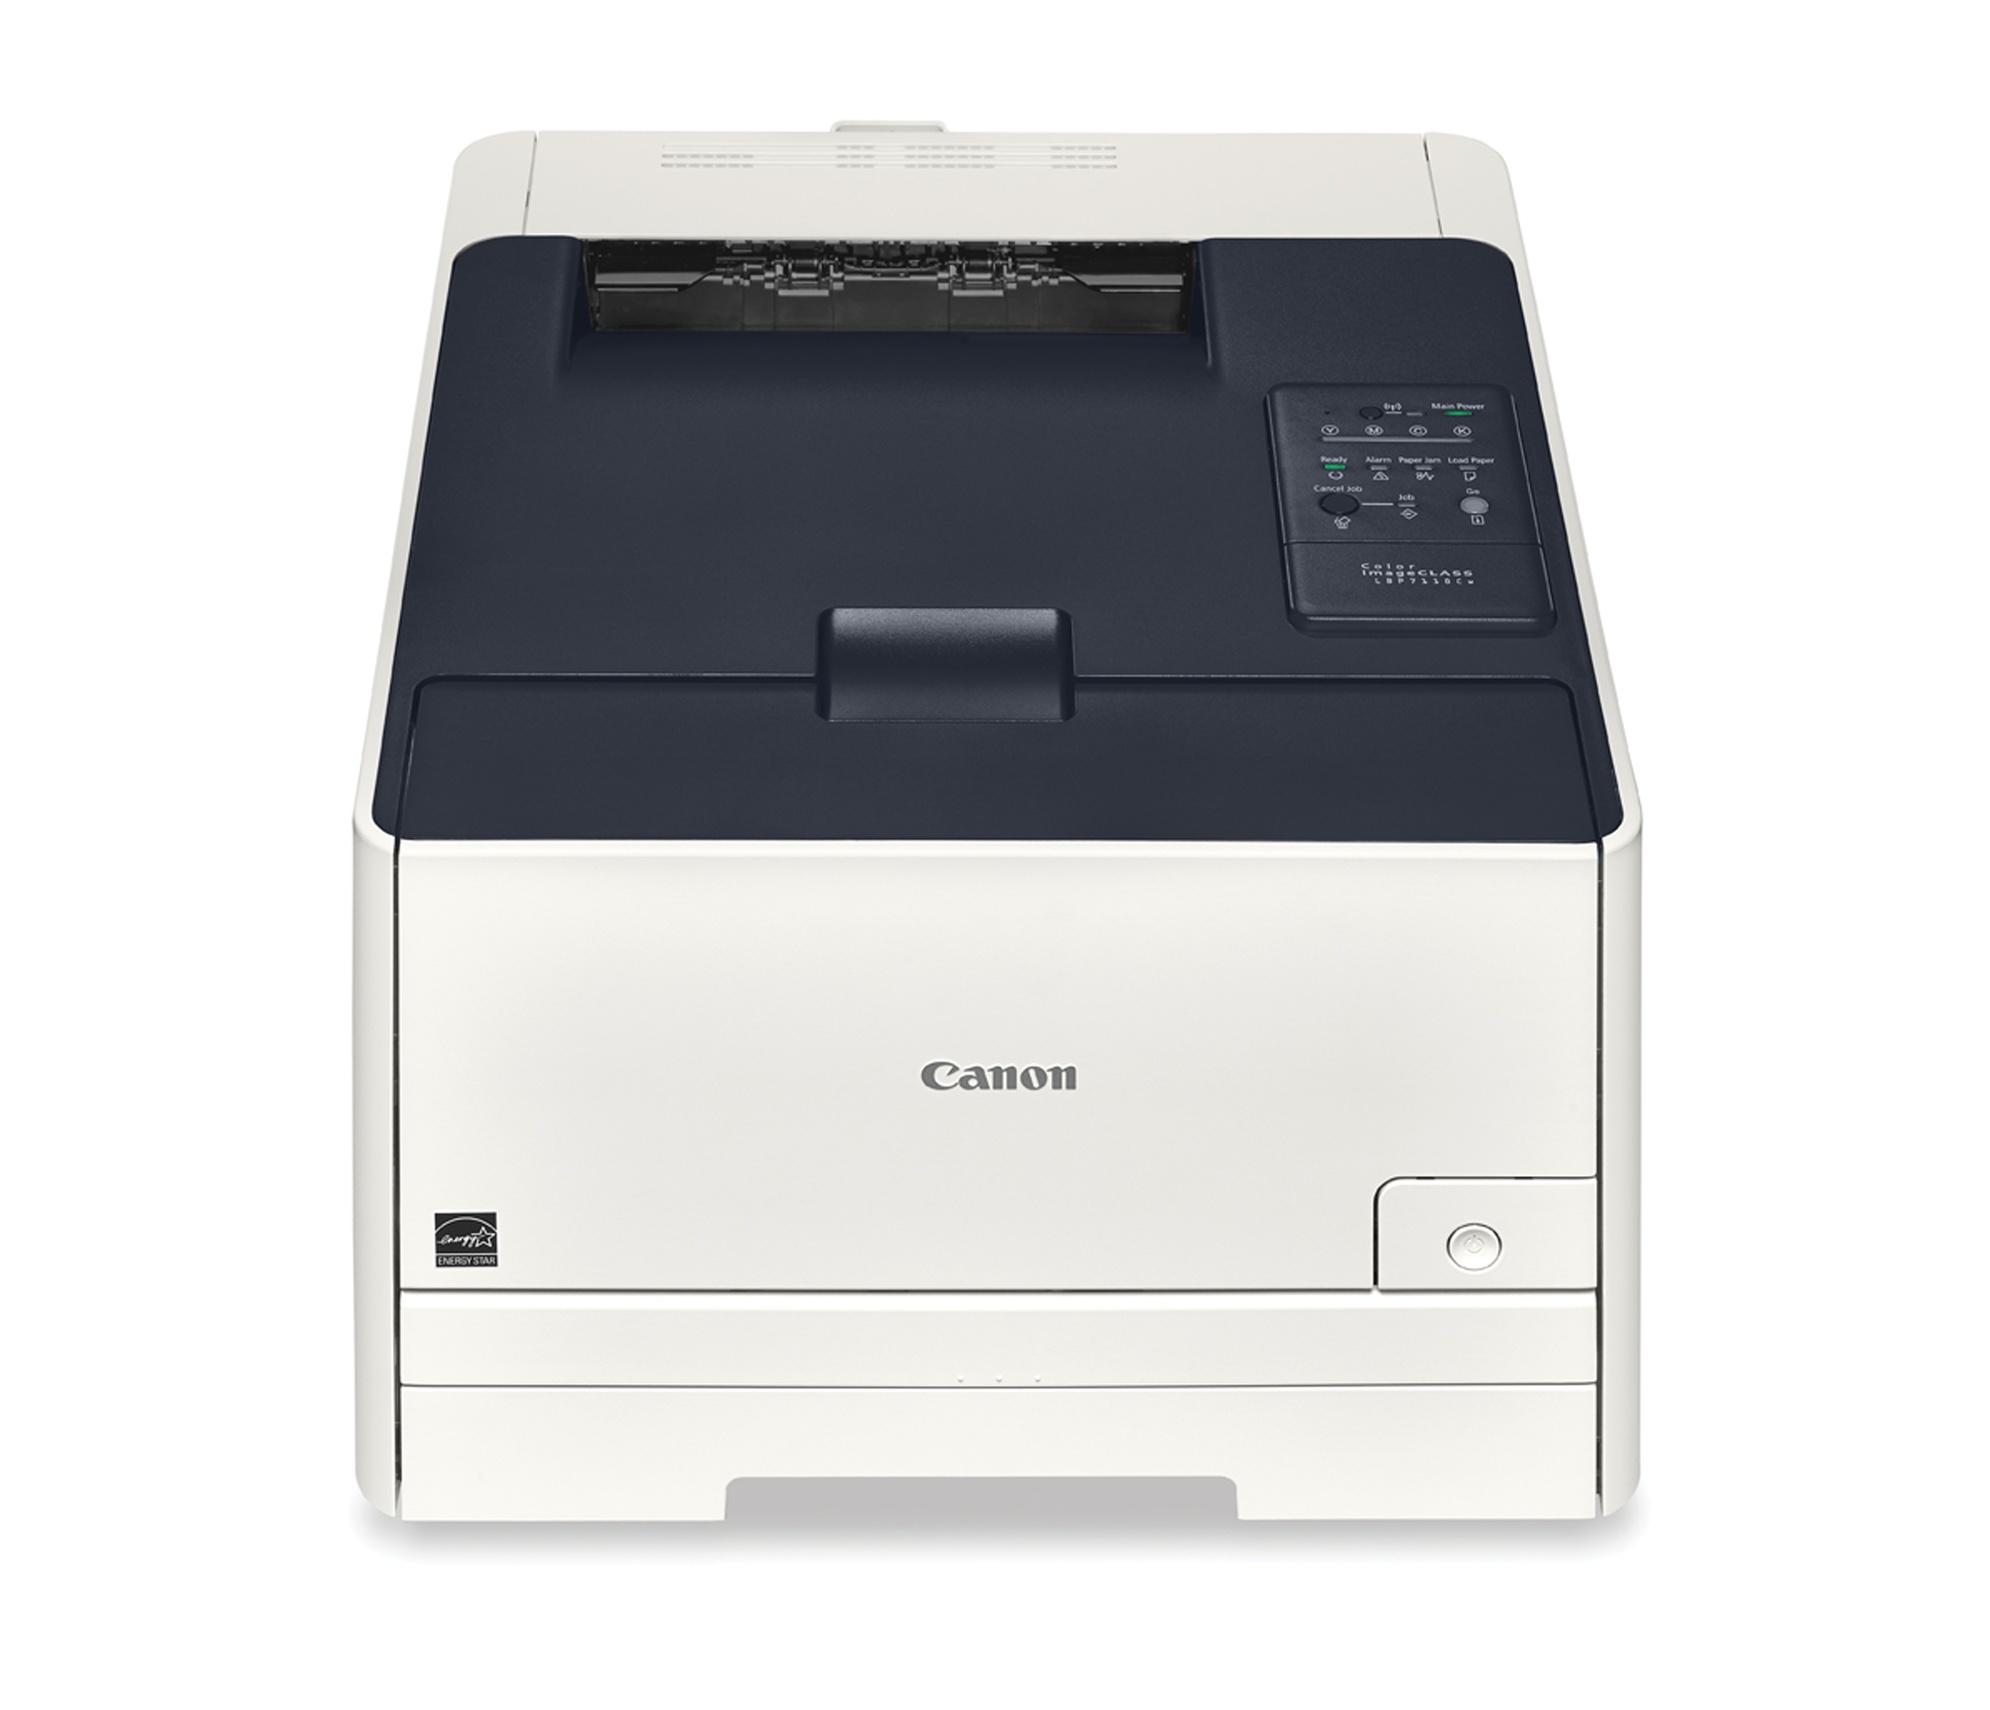 Canon Imageclass Lbp7110cw Color Laser Printer Driver